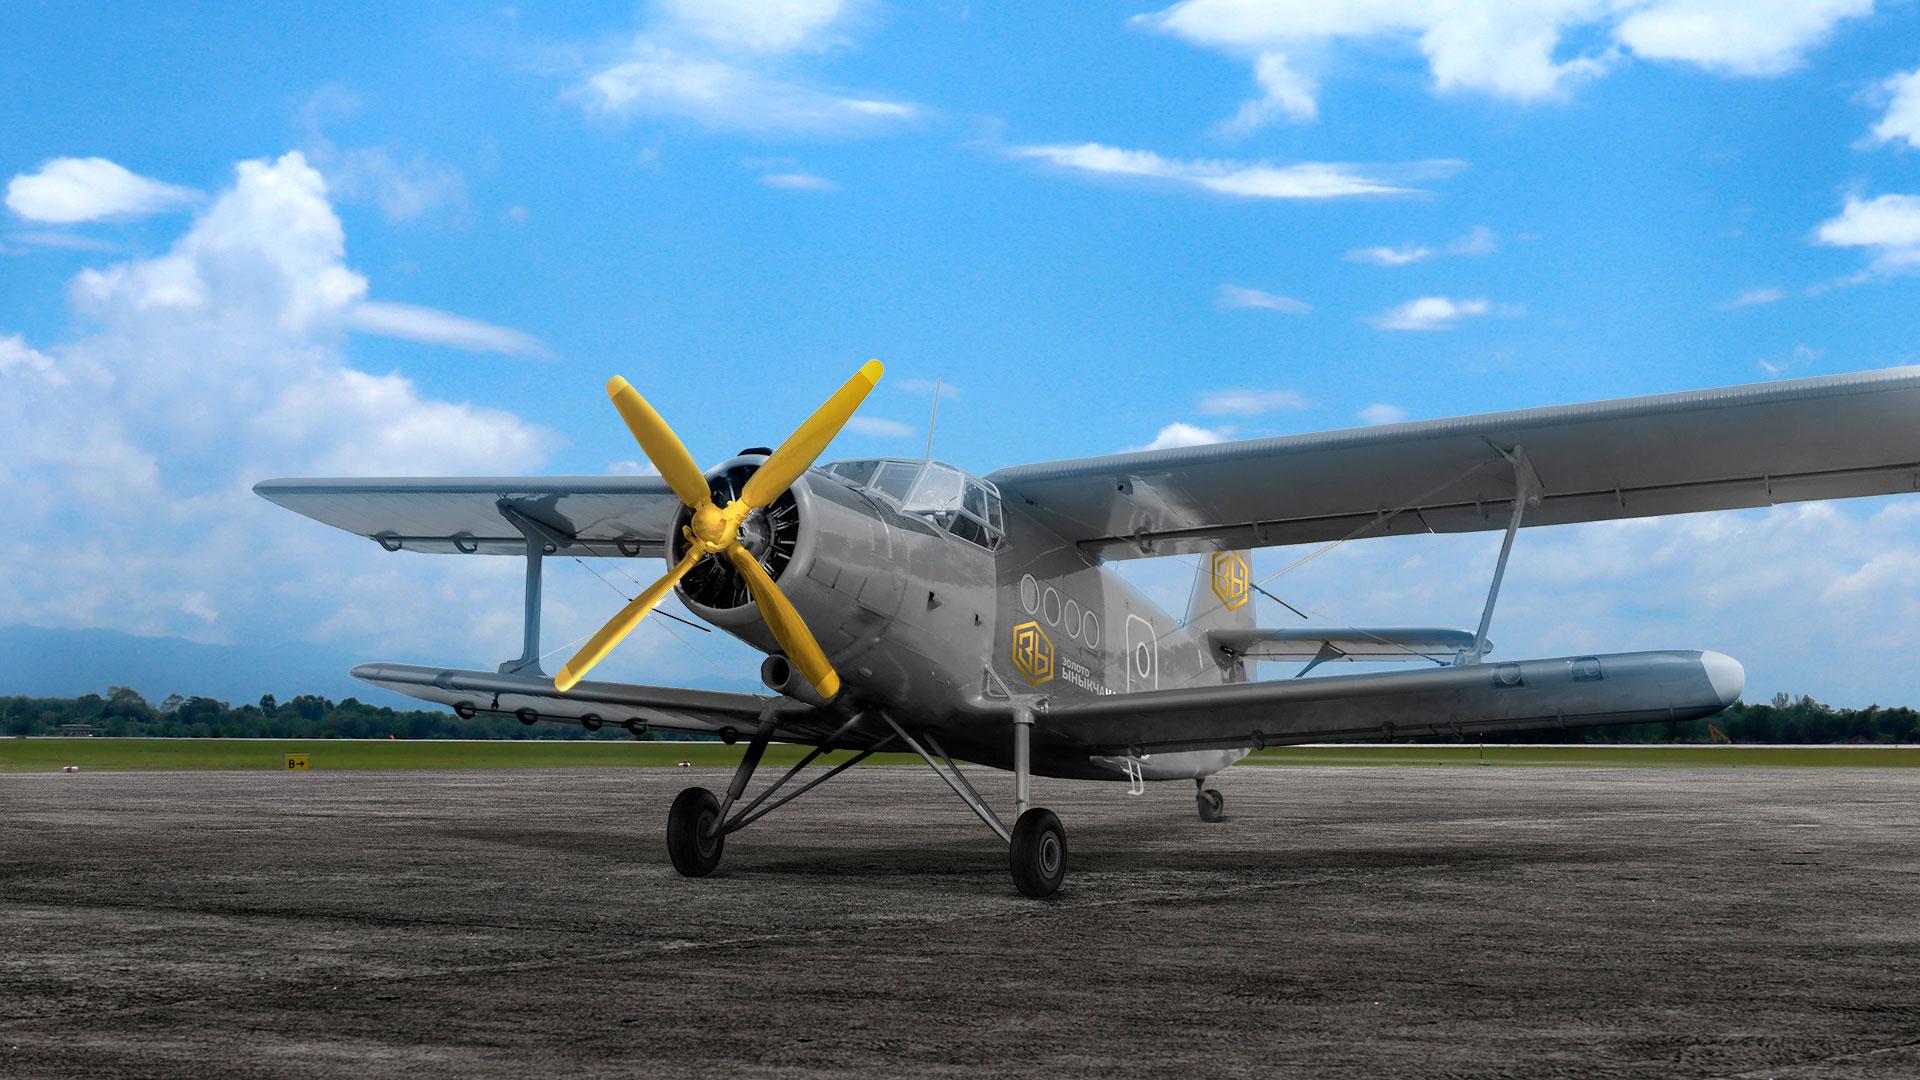 Разработка айдентики золотодобывающей компании на примере самолета